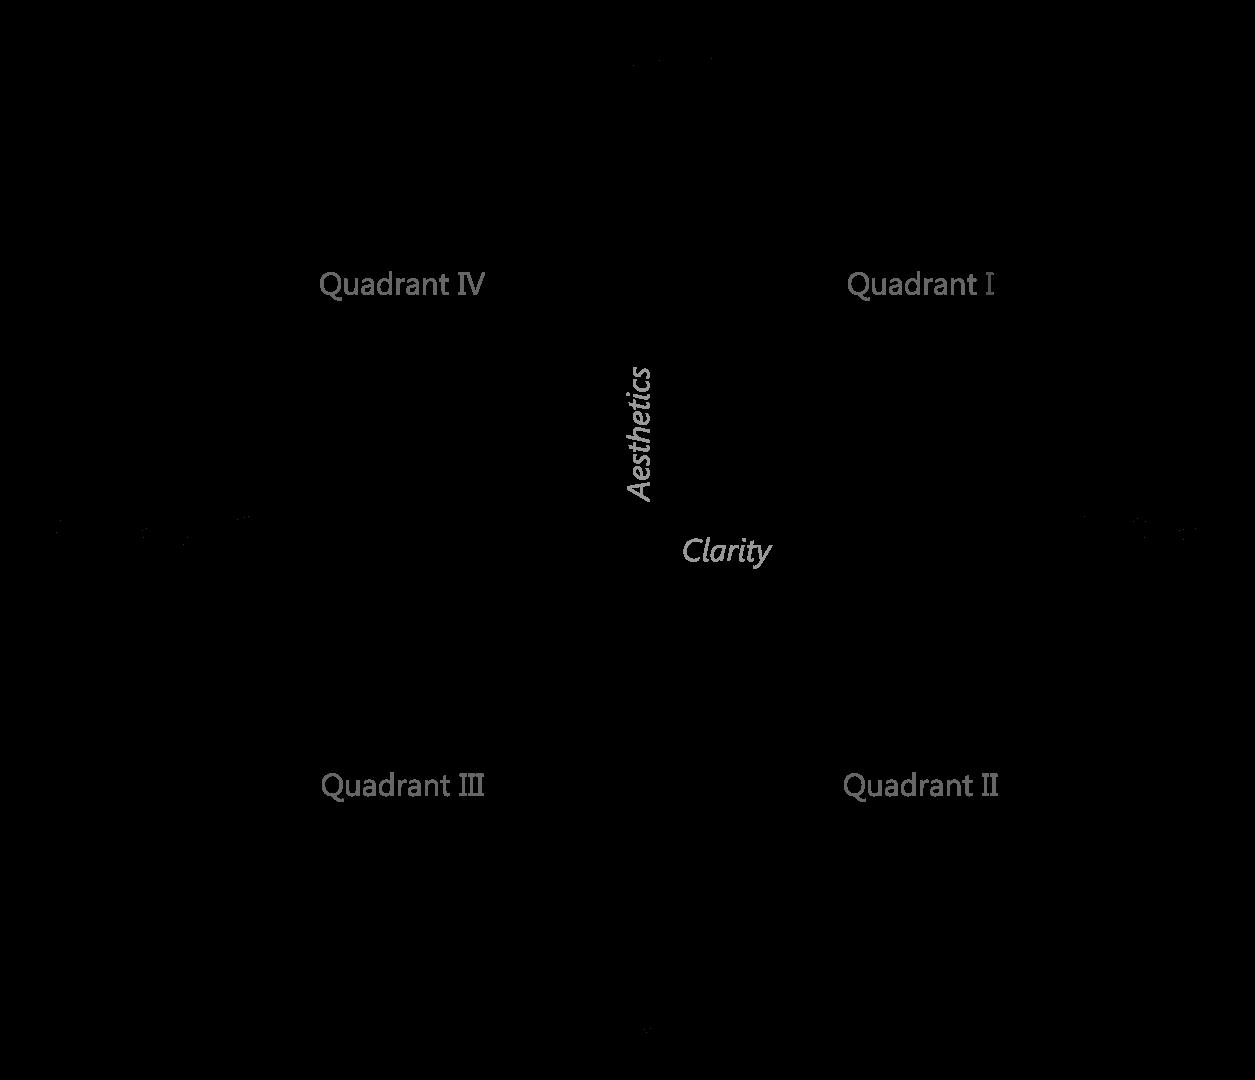 Positive clipart positive graph. Smartboard paper romeo landinez